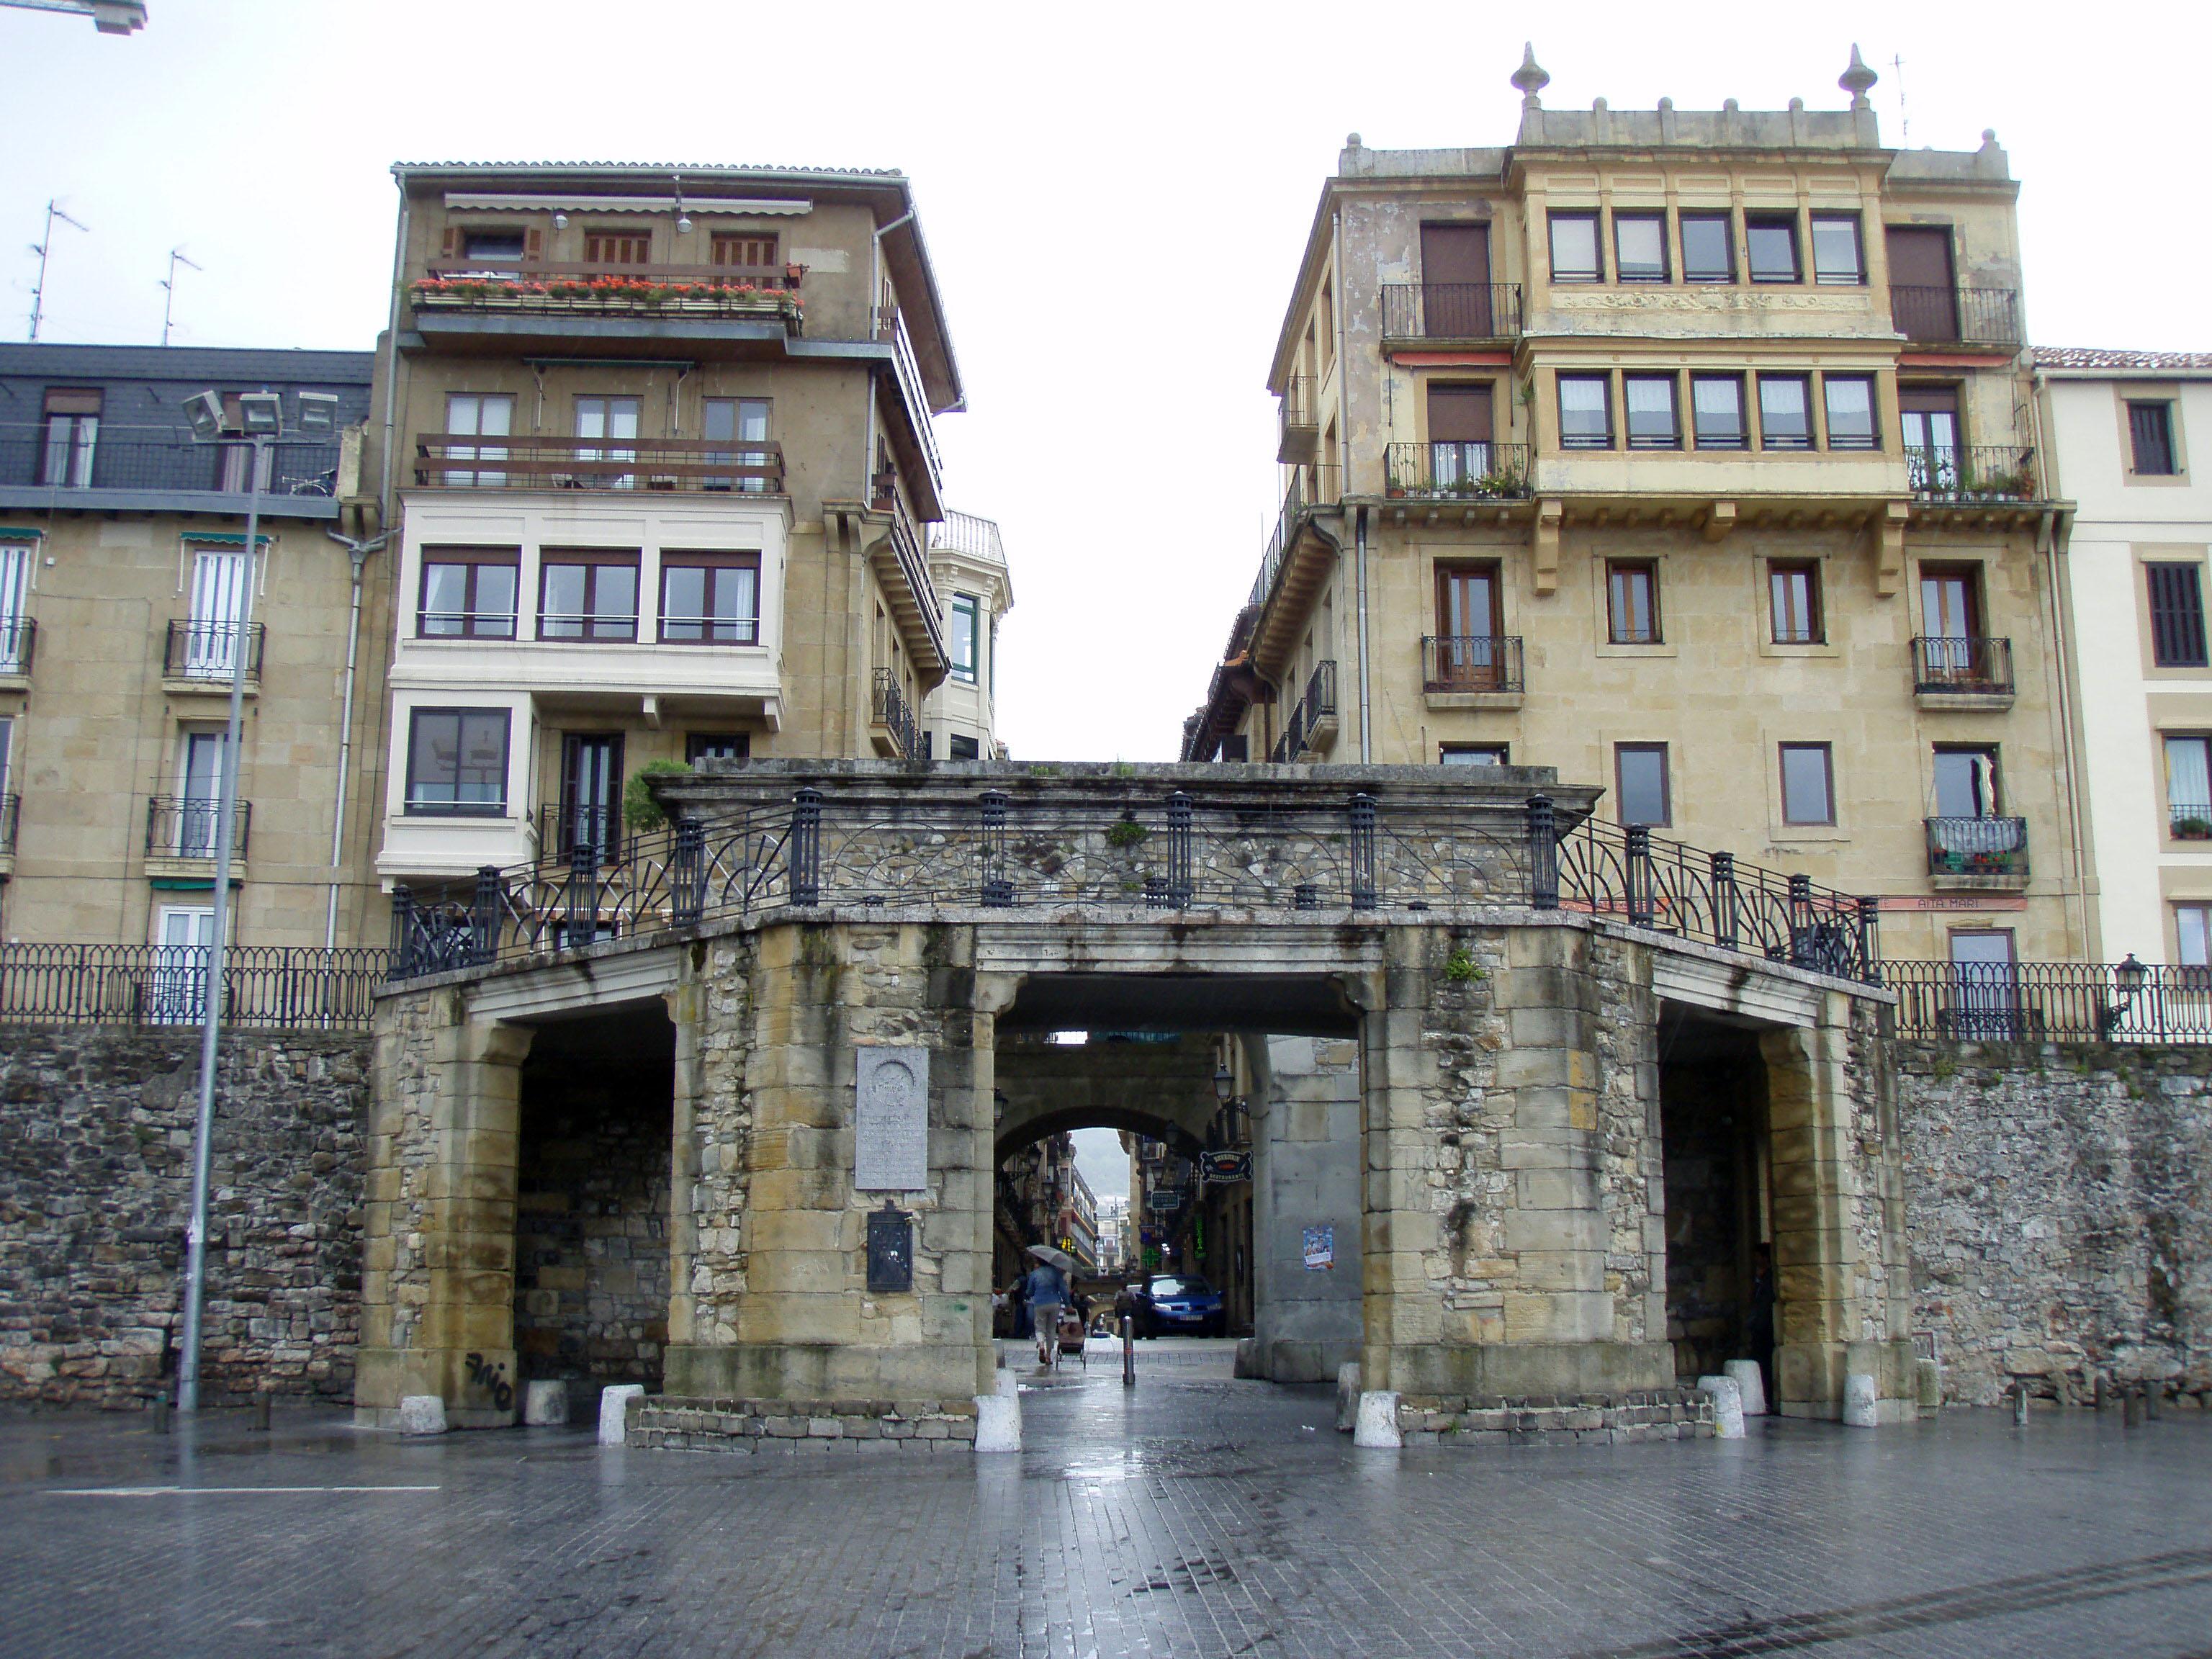 Entrada al Casco Viejo de Donostia - San Sebastián. Foto: Daniel Lobo. Flickr.